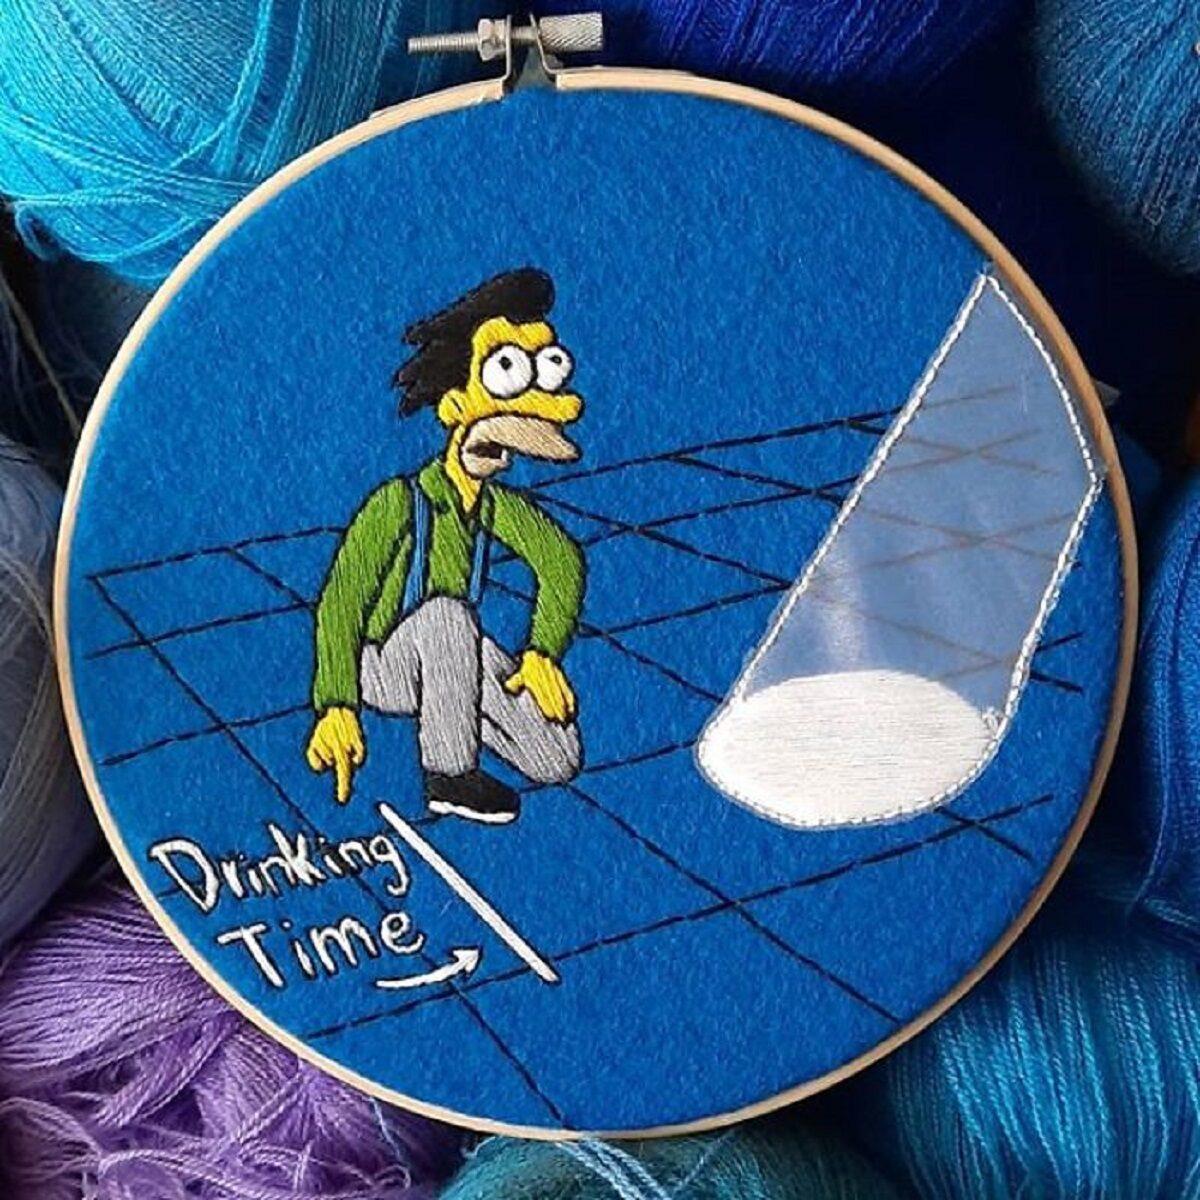 Artista Gabriela Martinez cria bordados de cenas de Os Simpsons 10